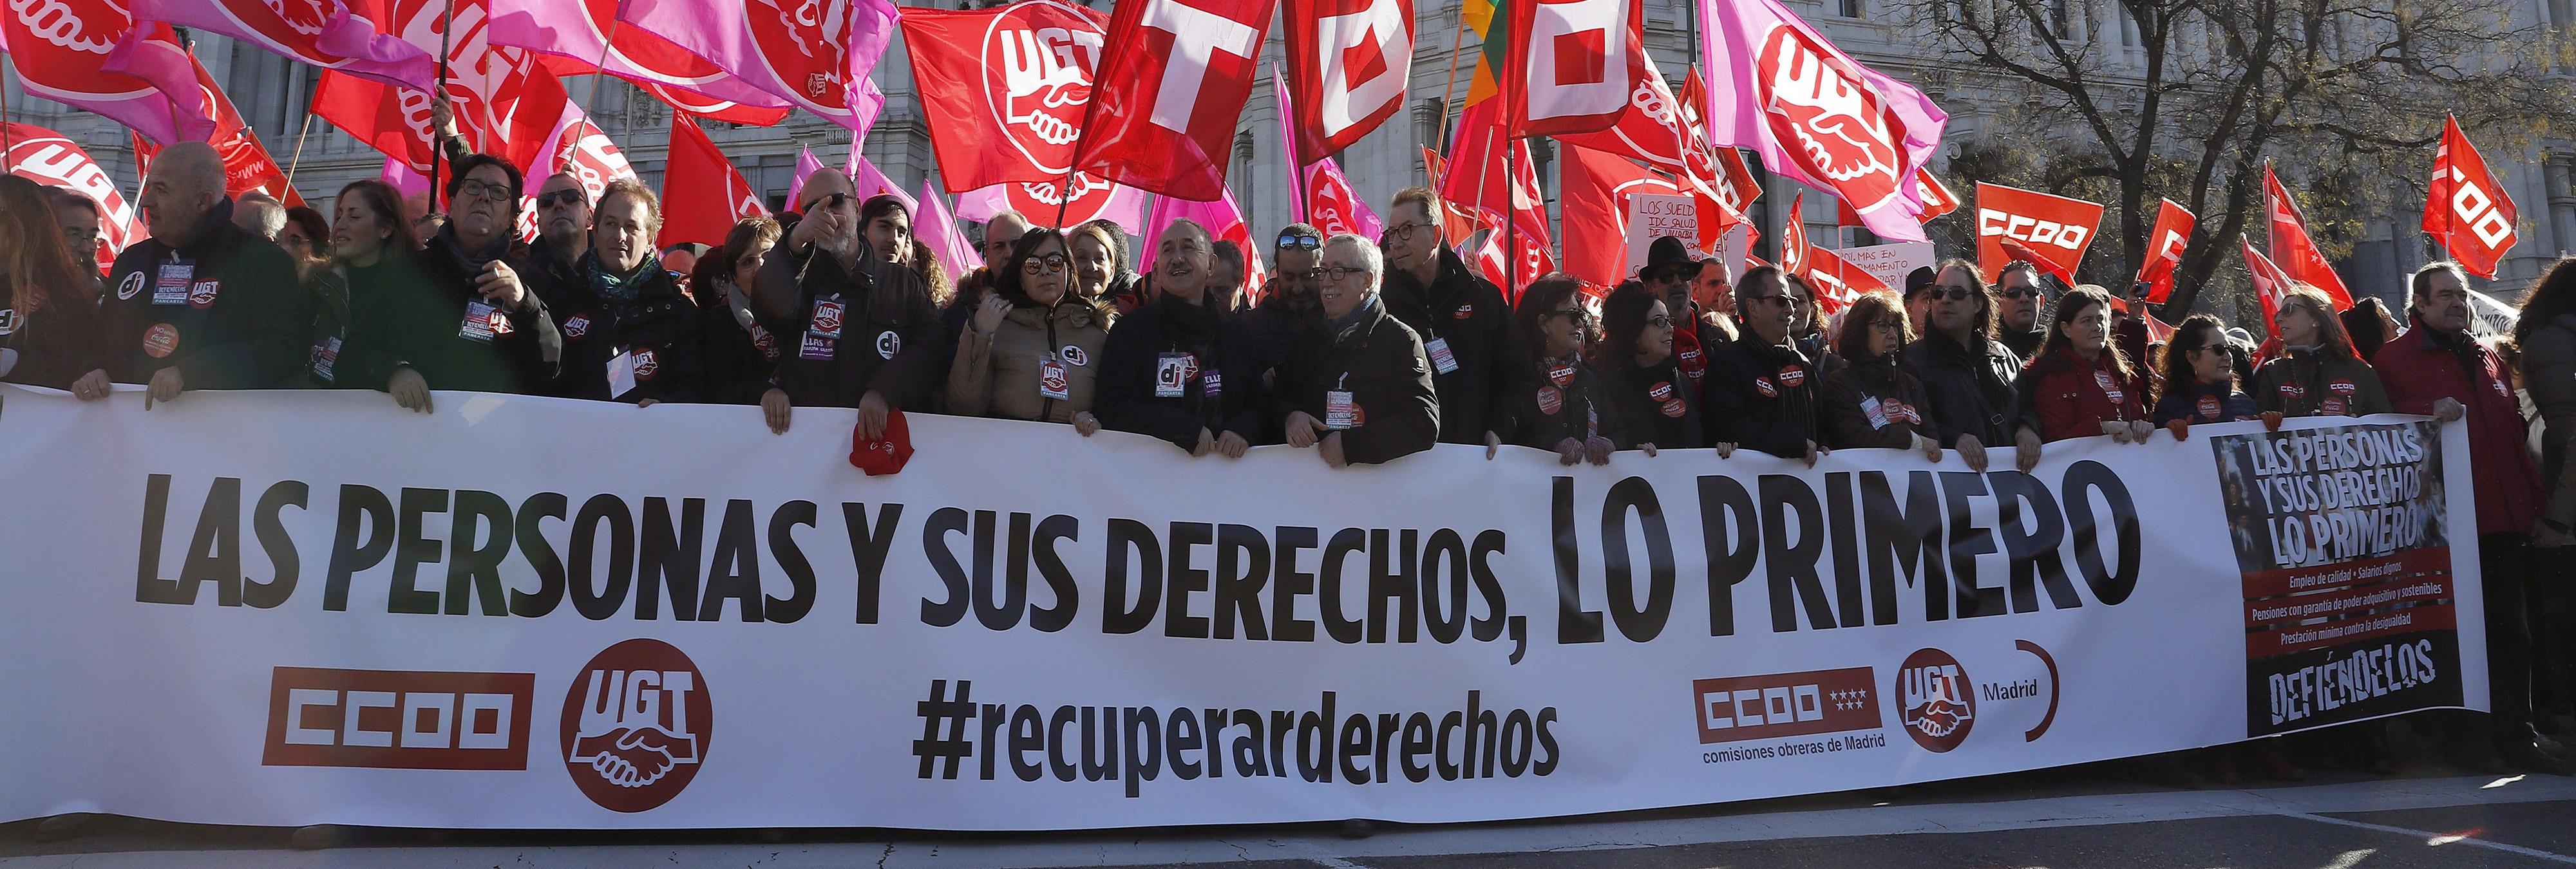 Los accidentes laborales provocan en España dos muertes diarias